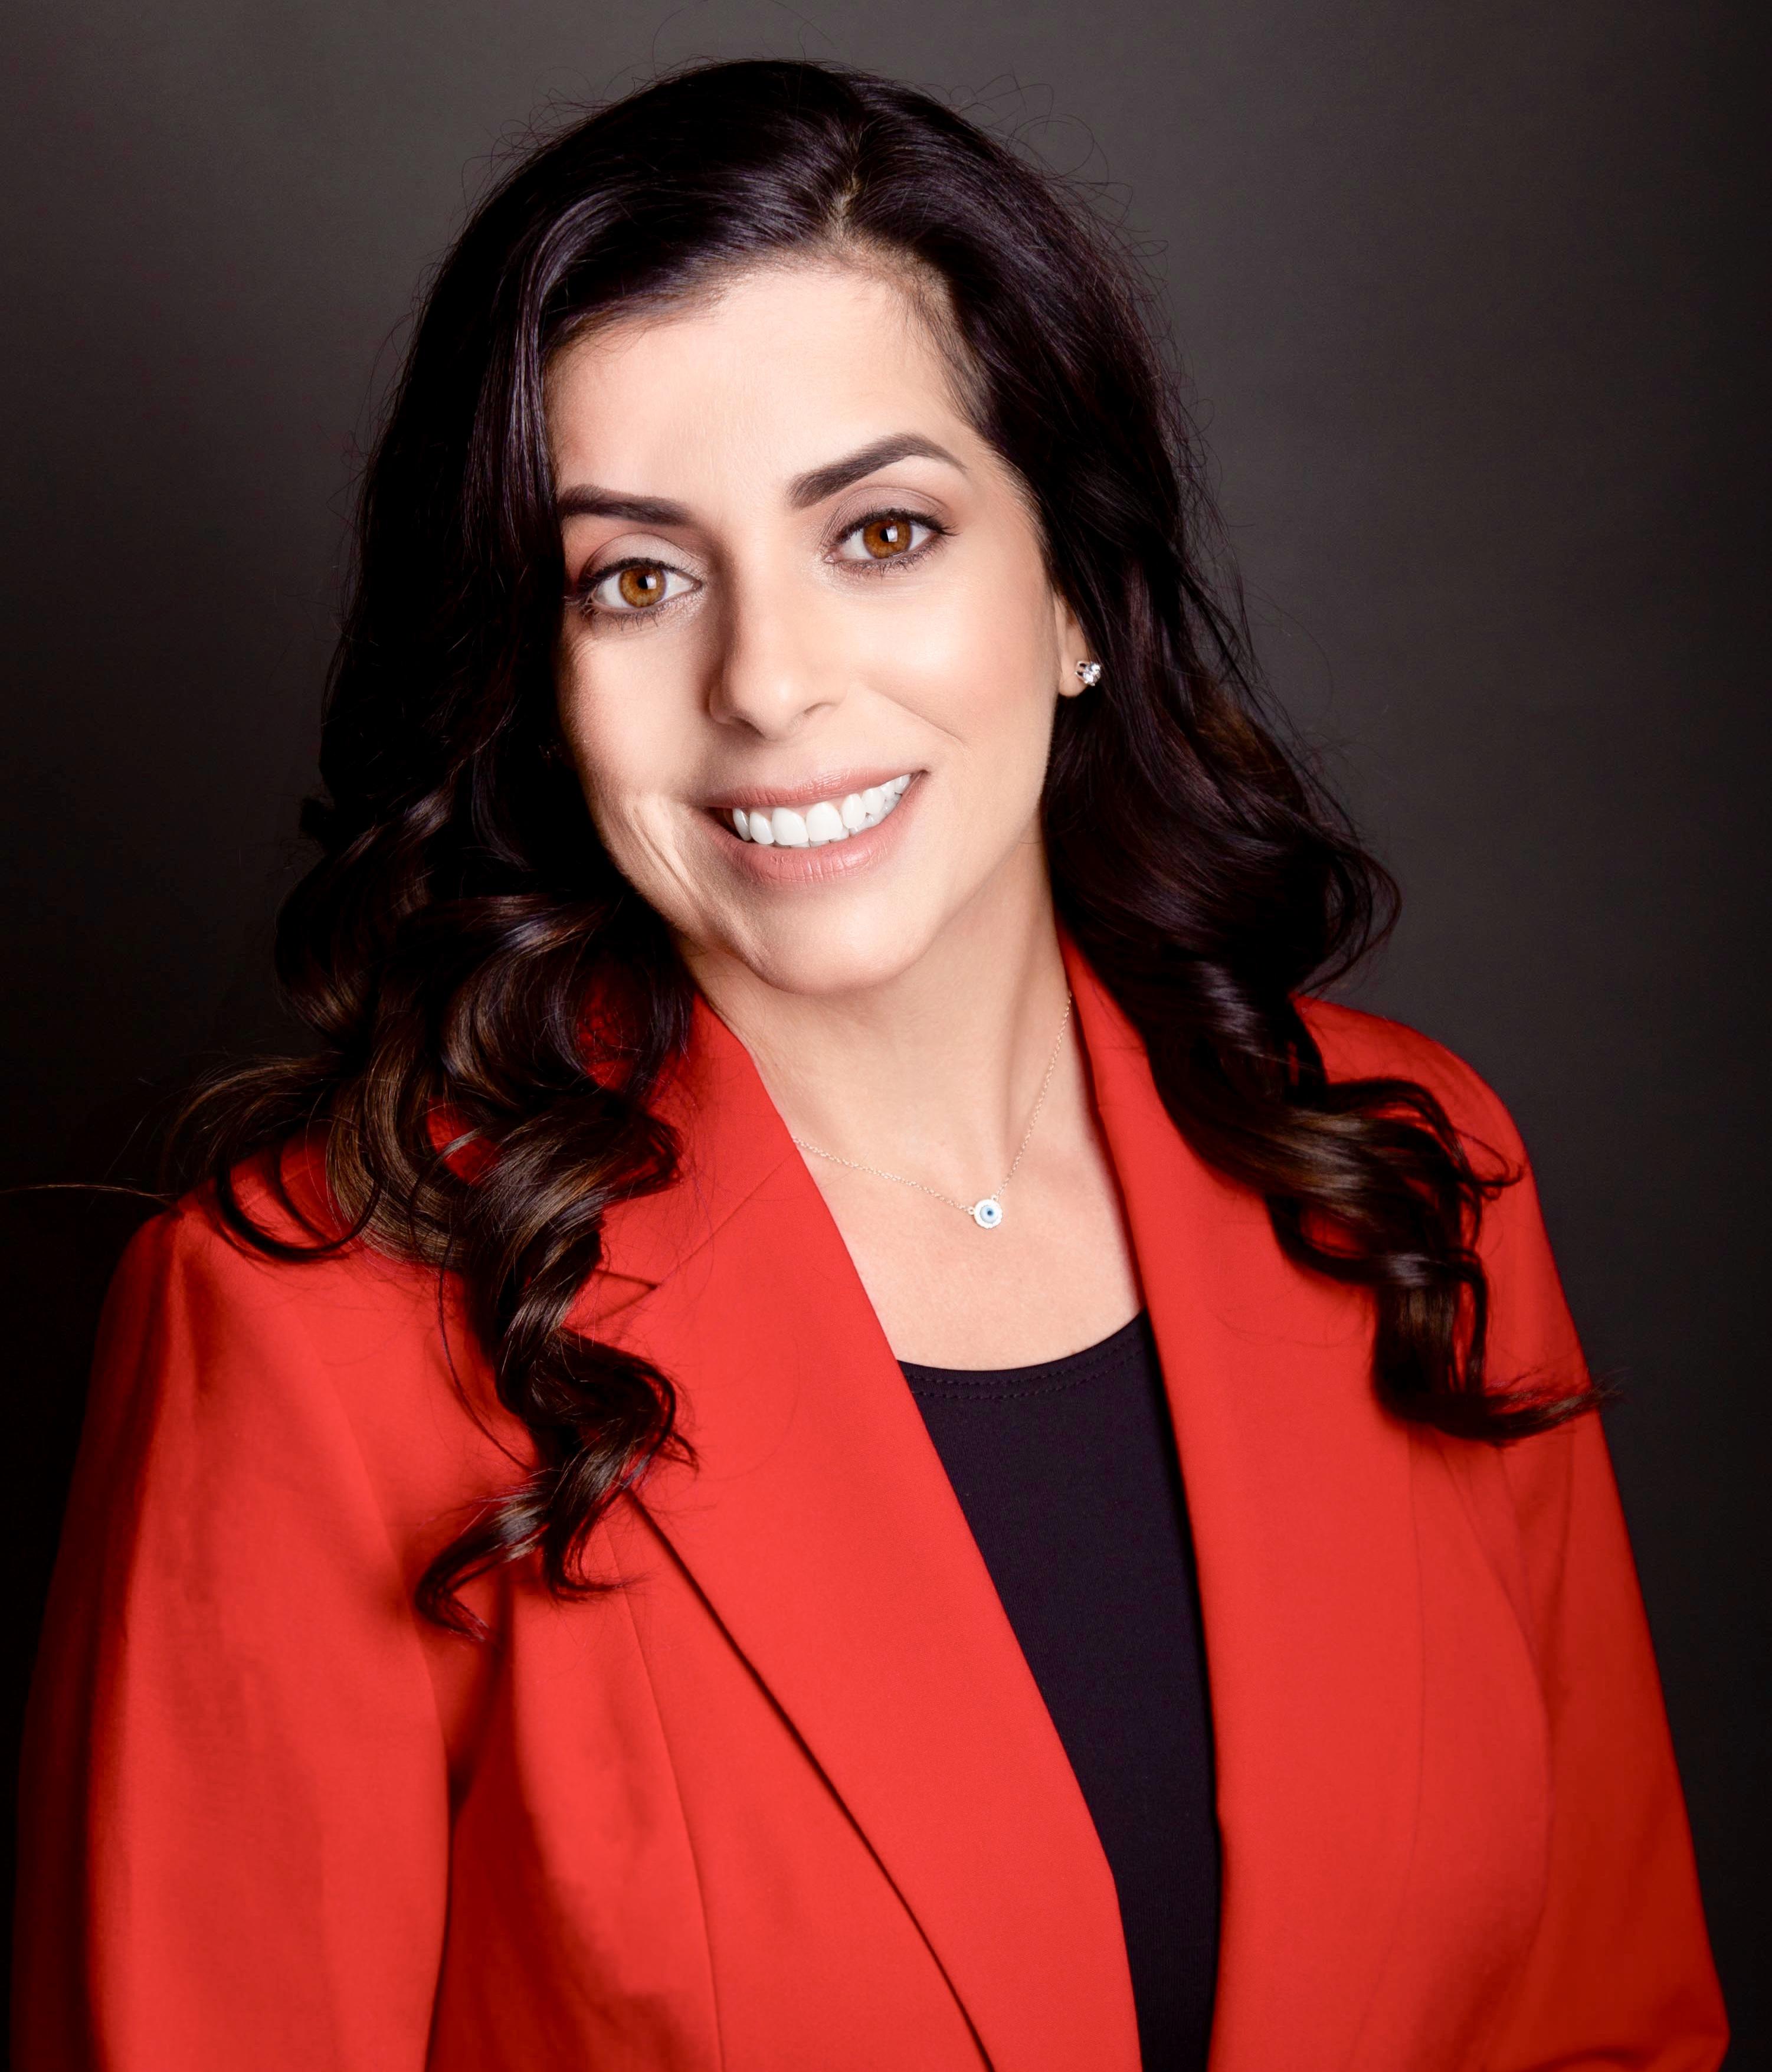 Maria Mijares